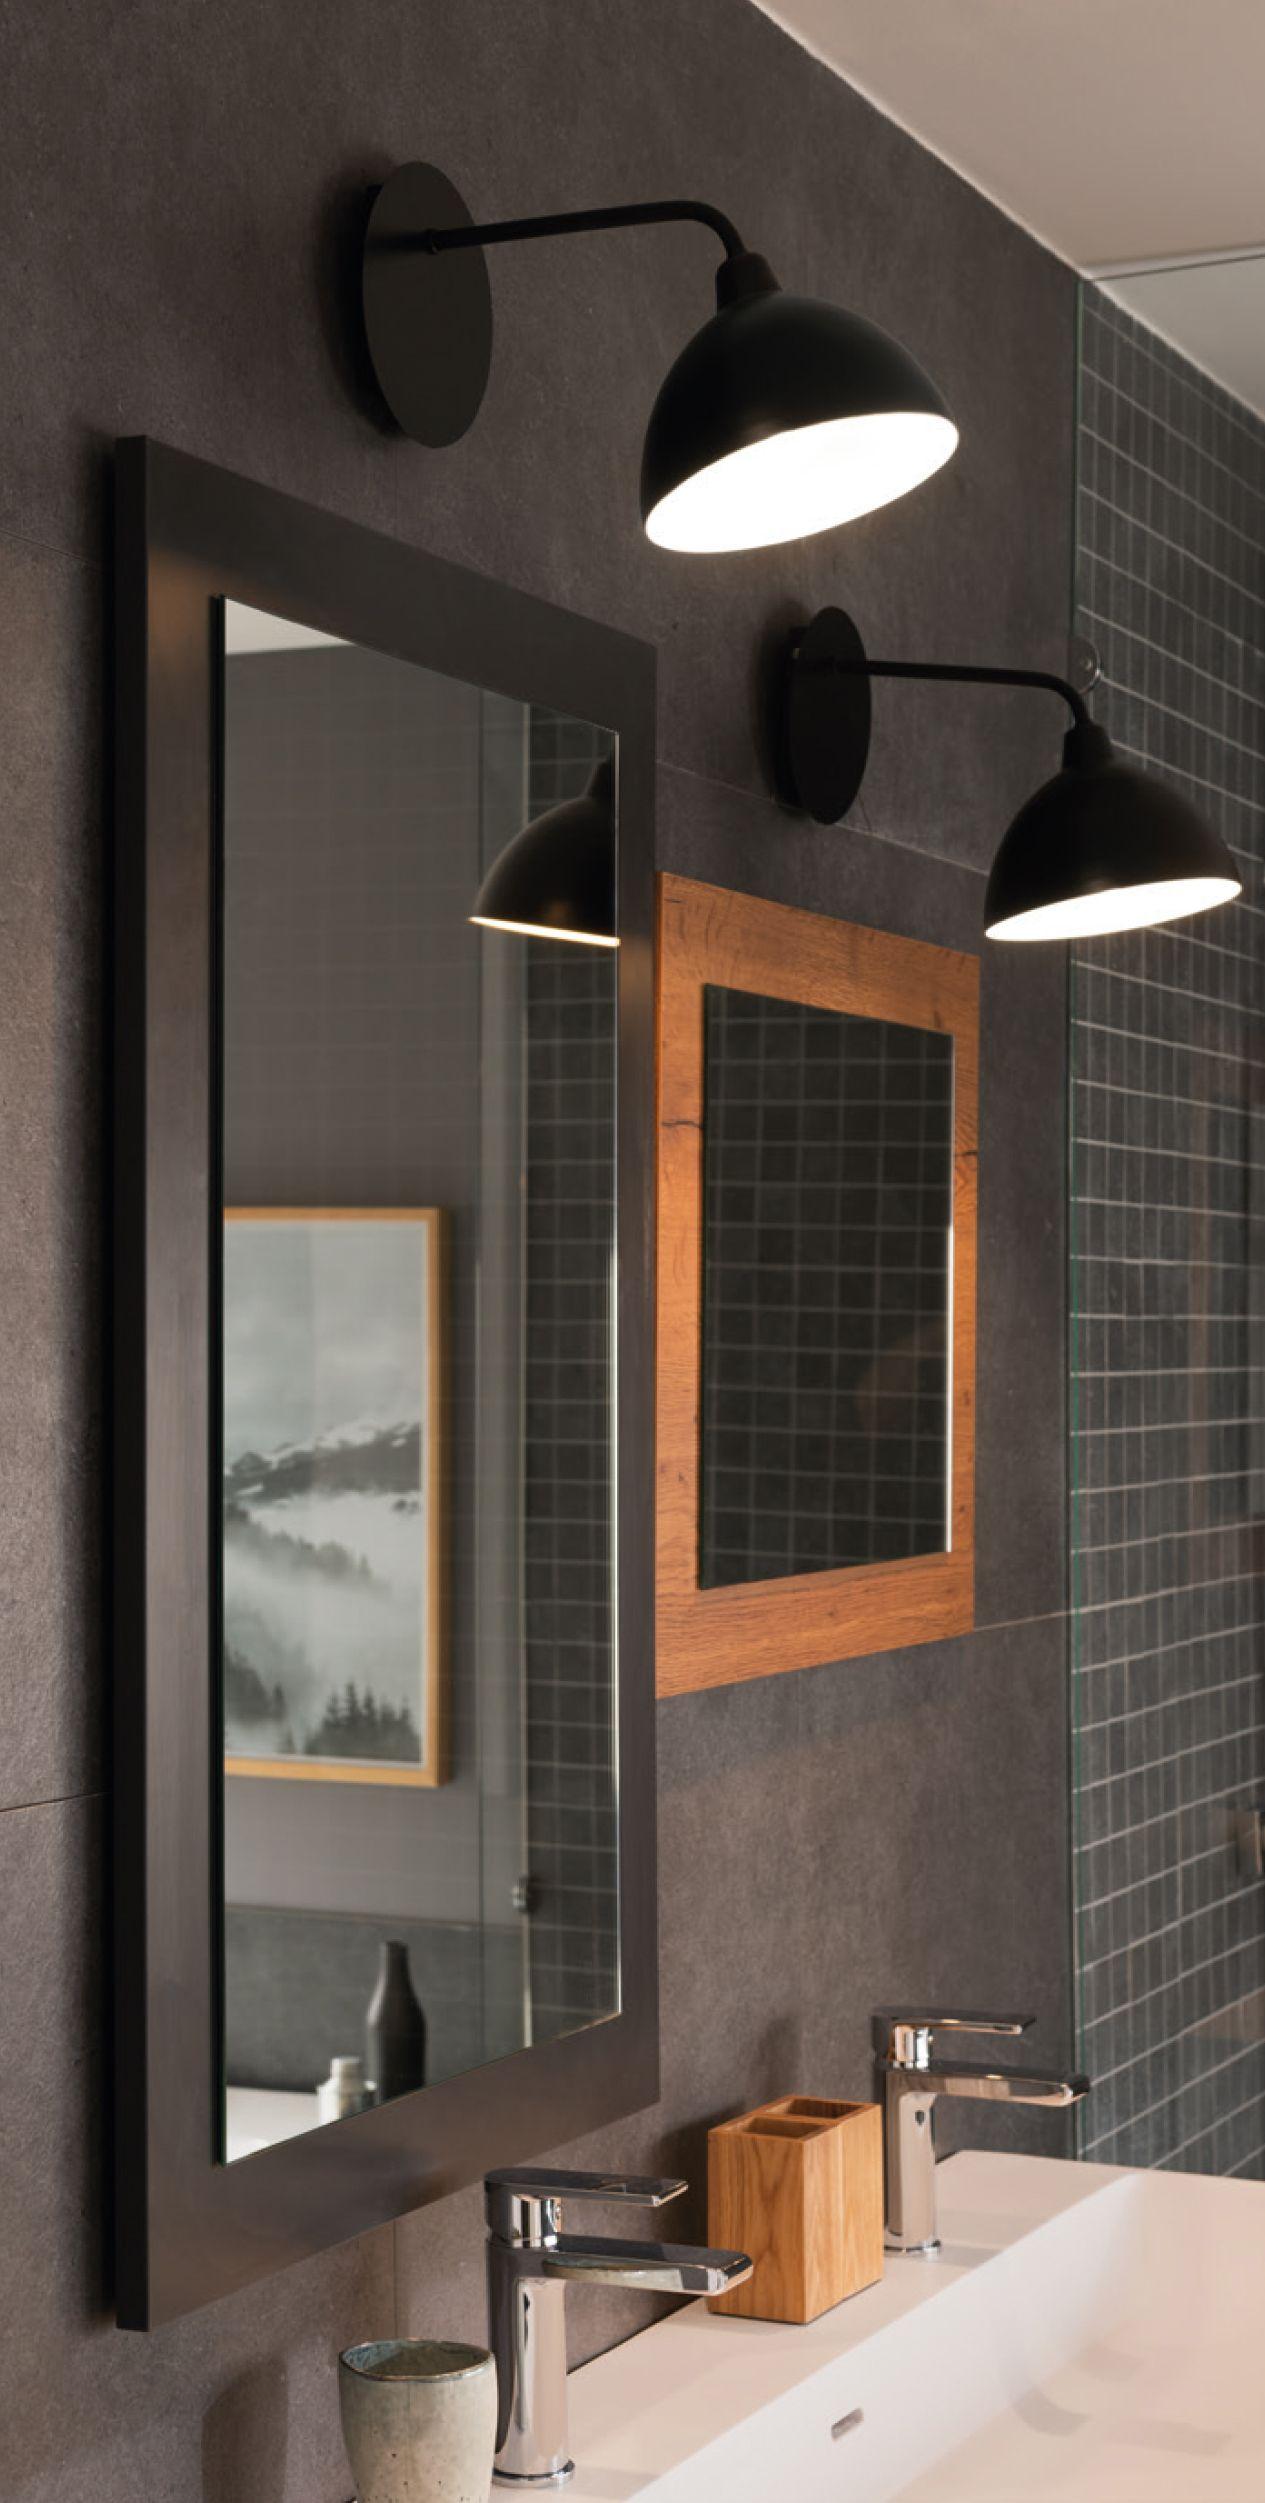 Luminaire De Salle De Bains Style Vintage Noir Mat. #miroir avec Mirroir Salle De Bain